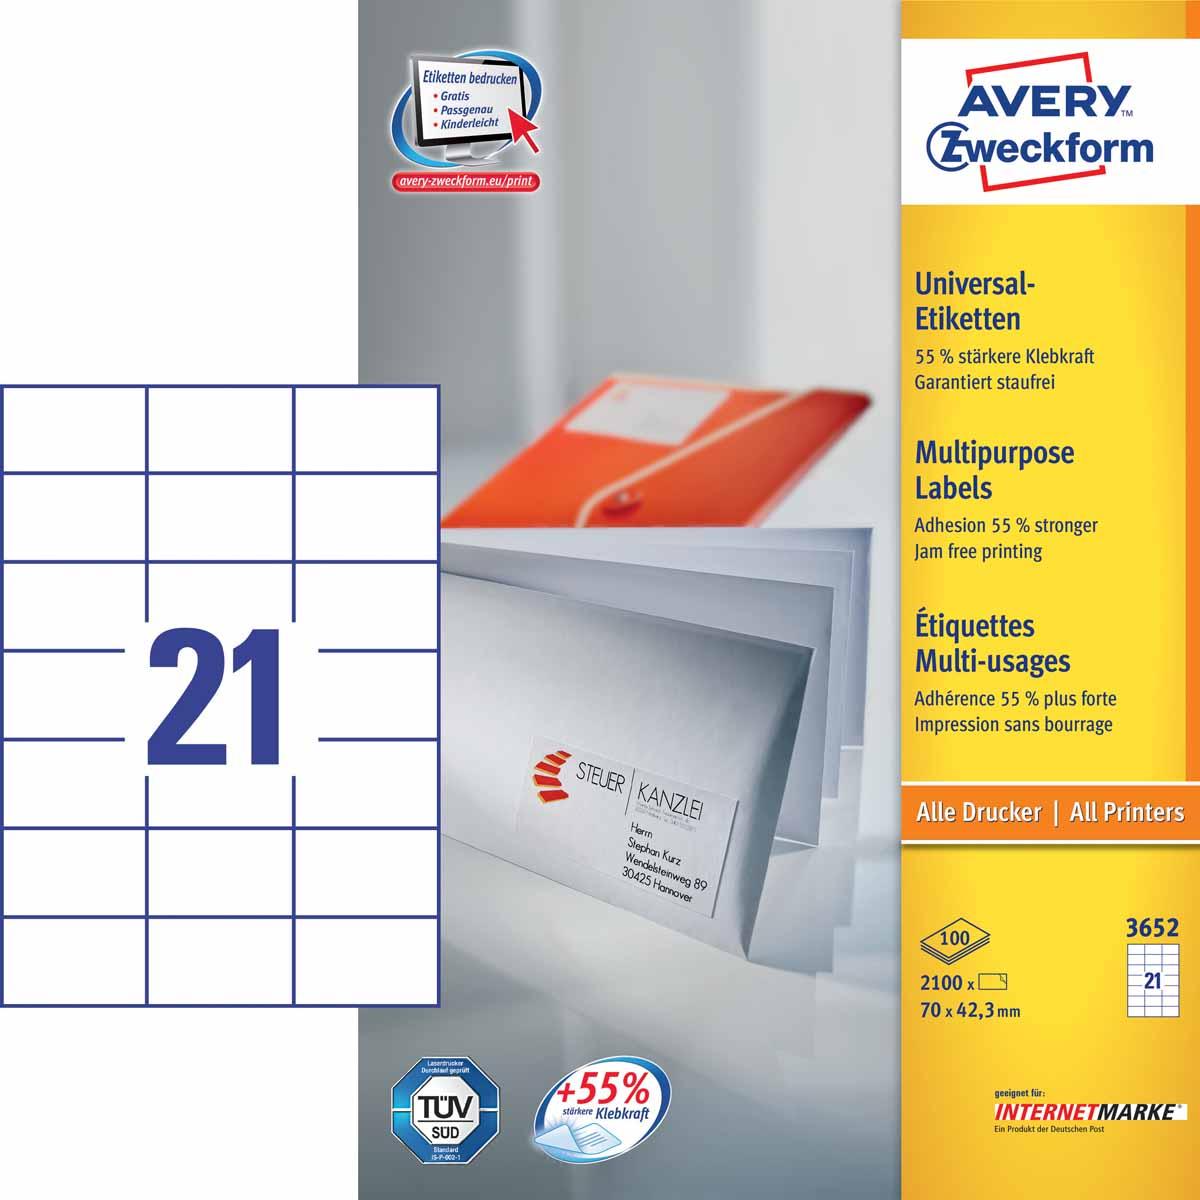 Avery Zweckform Этикетки самоклеящиеся универсальные 70 х 42,3 мм 2100 шт 100 листов